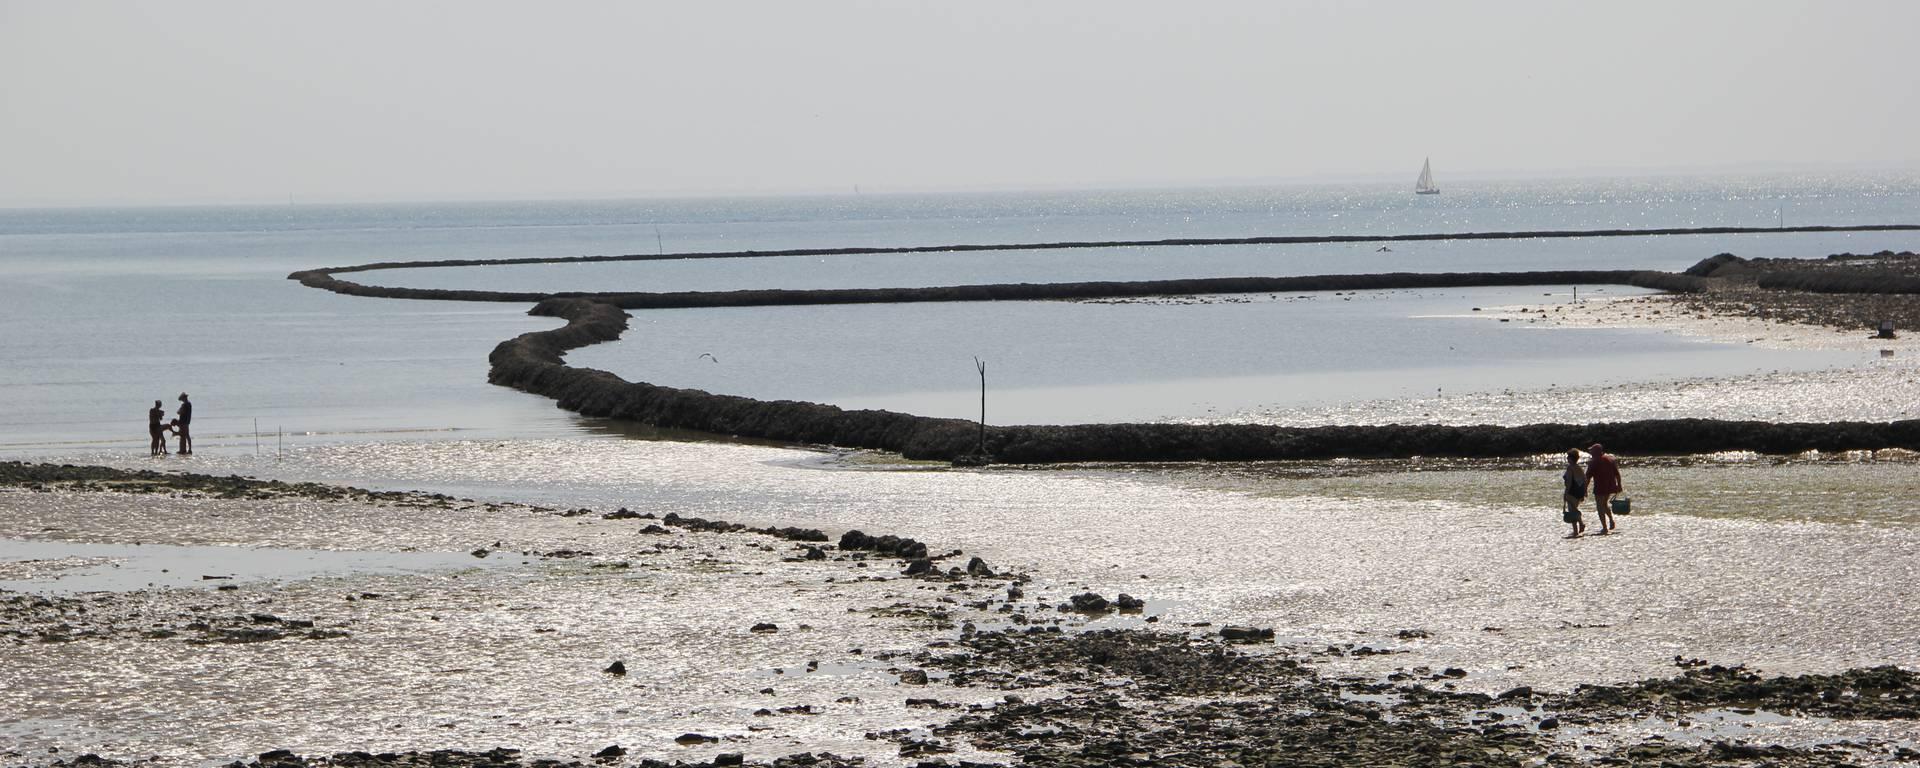 Les écluses à poissons de Sainte-Marie-de-Ré